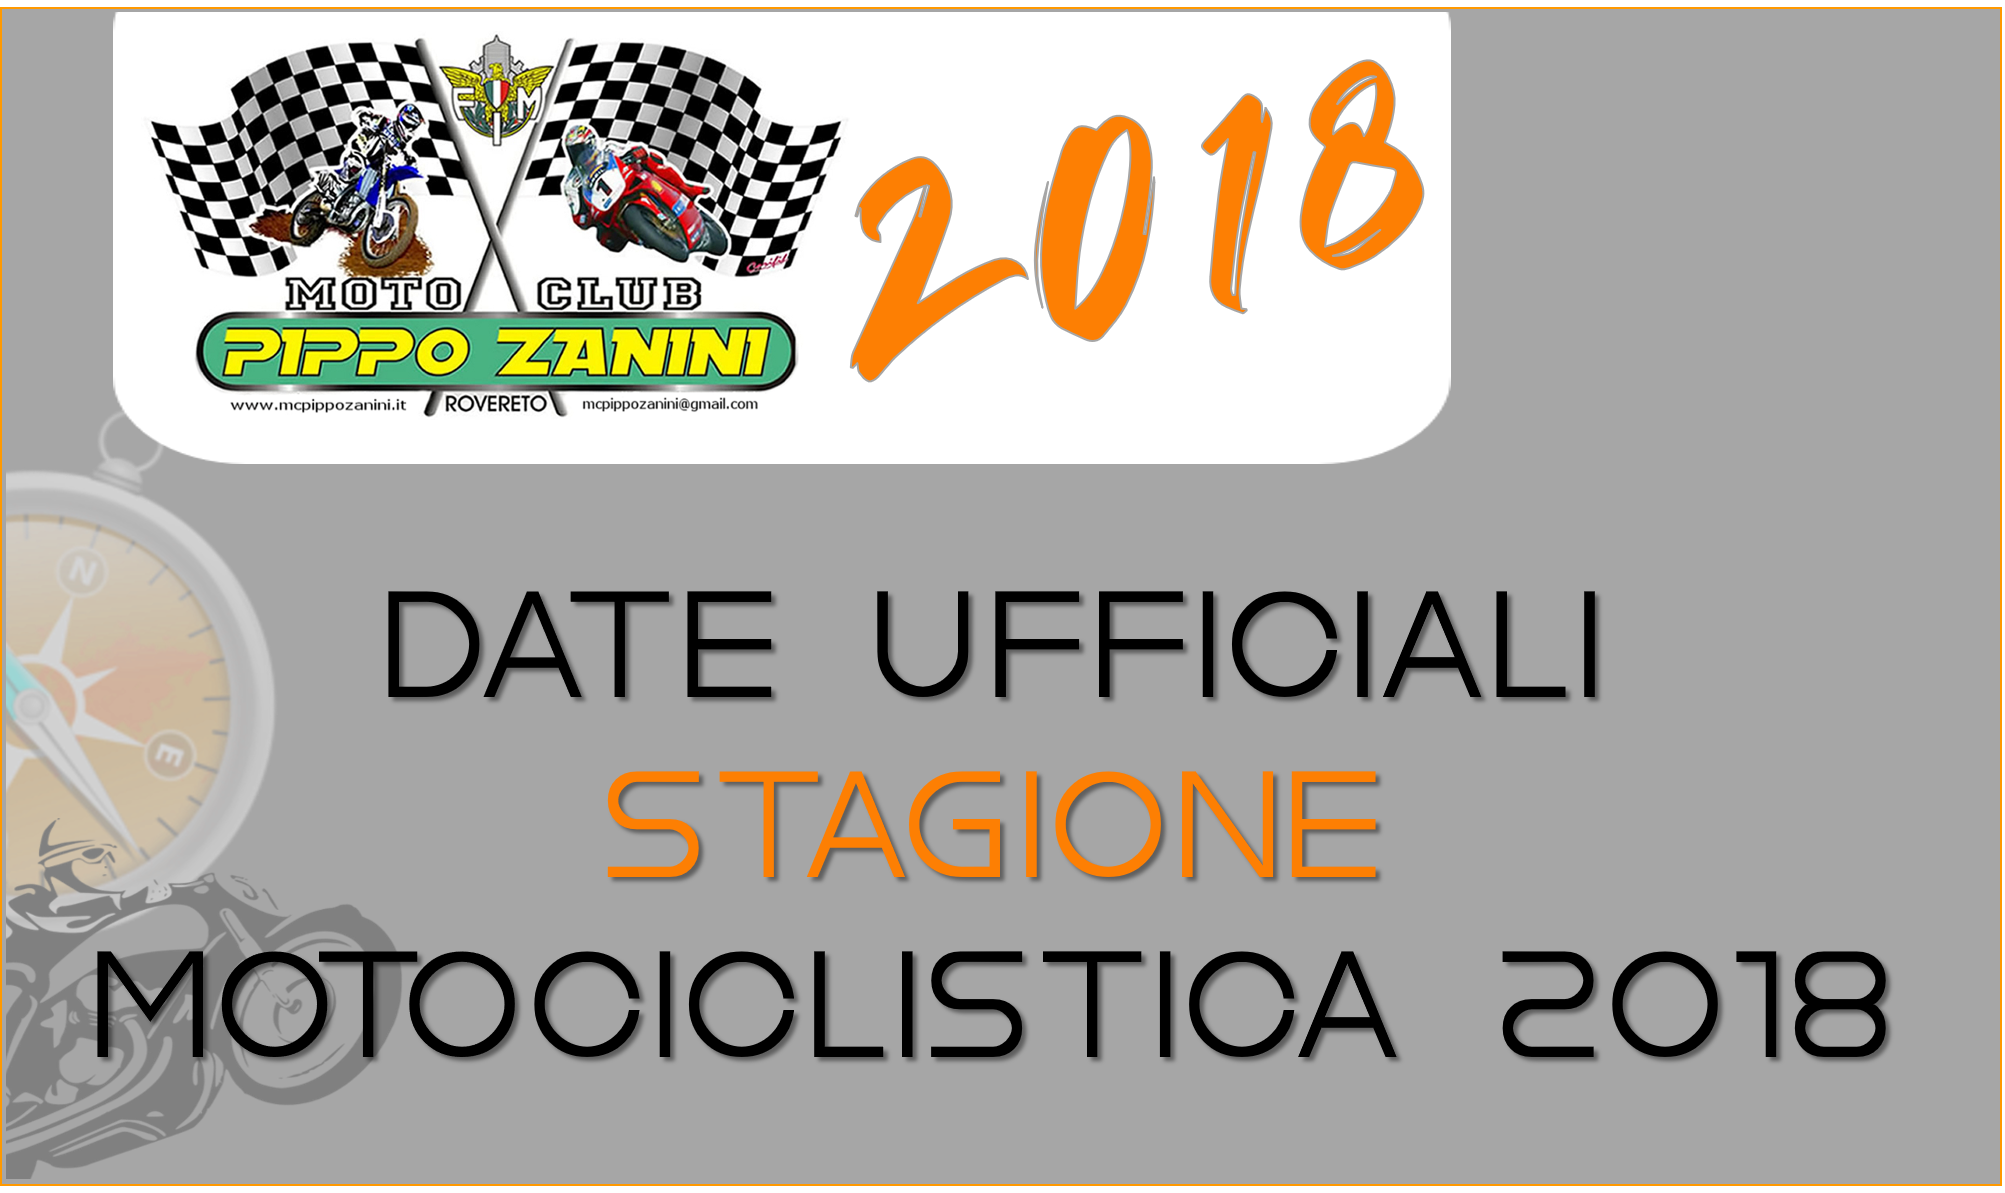 Le date Ufficiali per la Stagione 2018